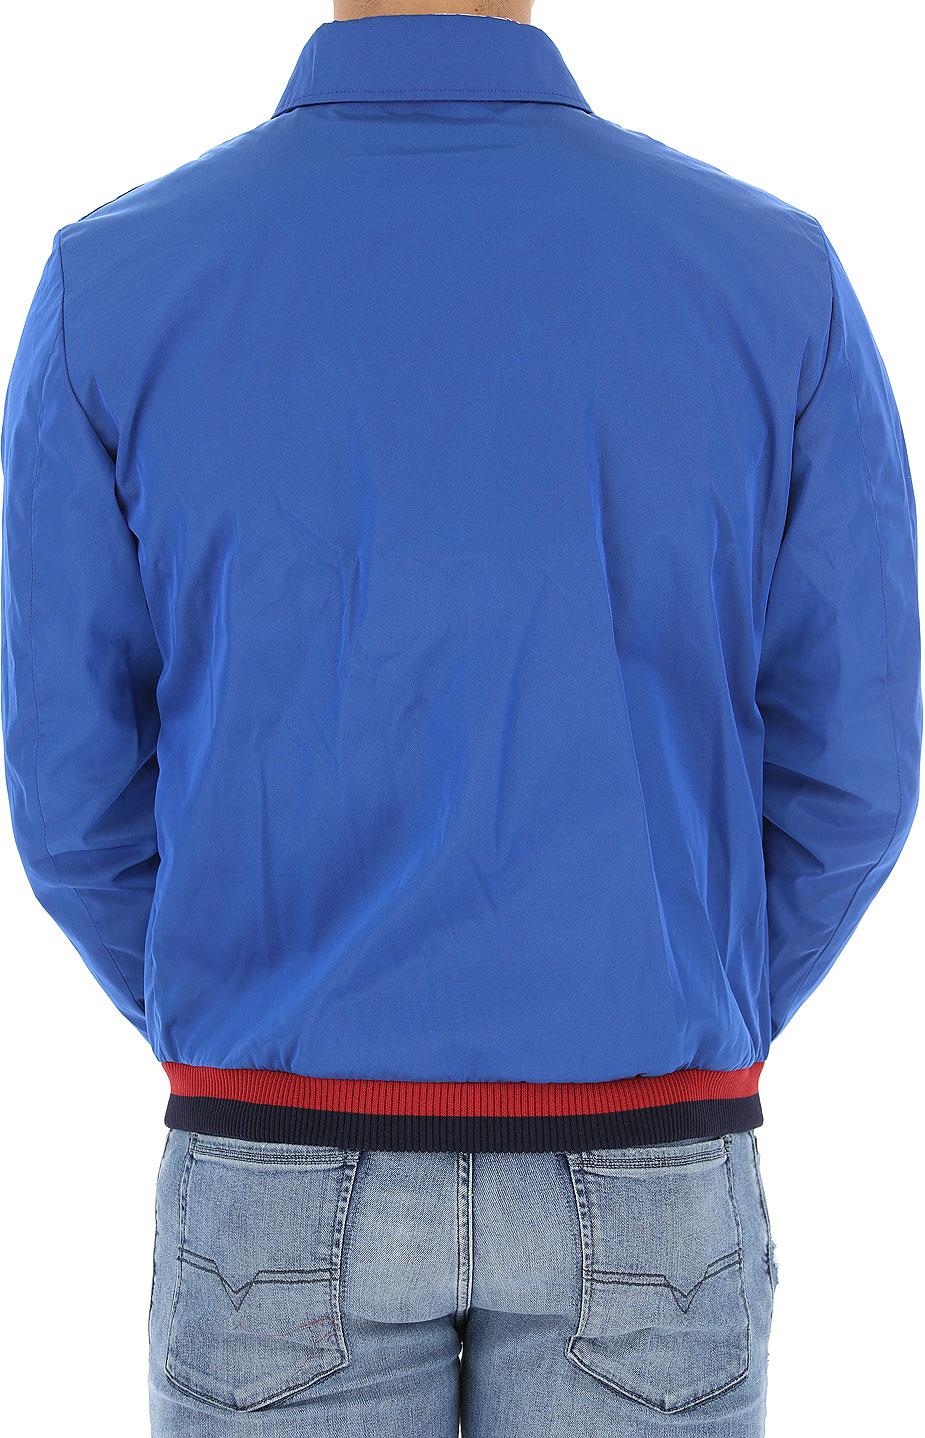 Abbigliamento Uomo Gucci, Codice Articolo: 279682-z4119-4372